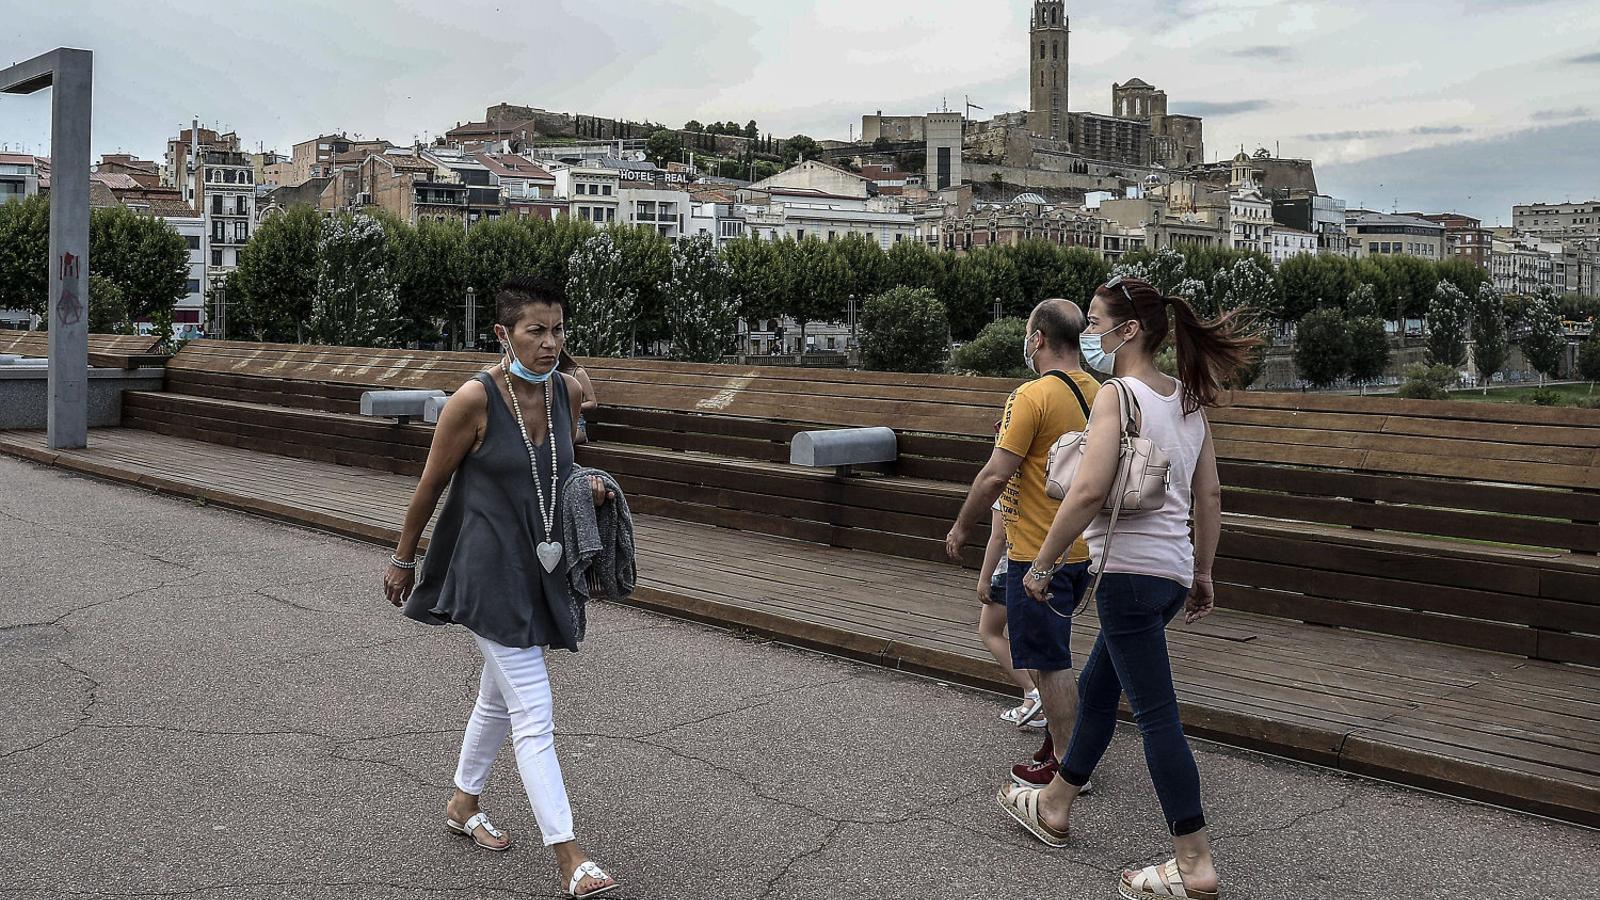 Veïns de Lleida caminant pel carrer, amb la Seu Vella al fons. / SANTI IGLESIAS